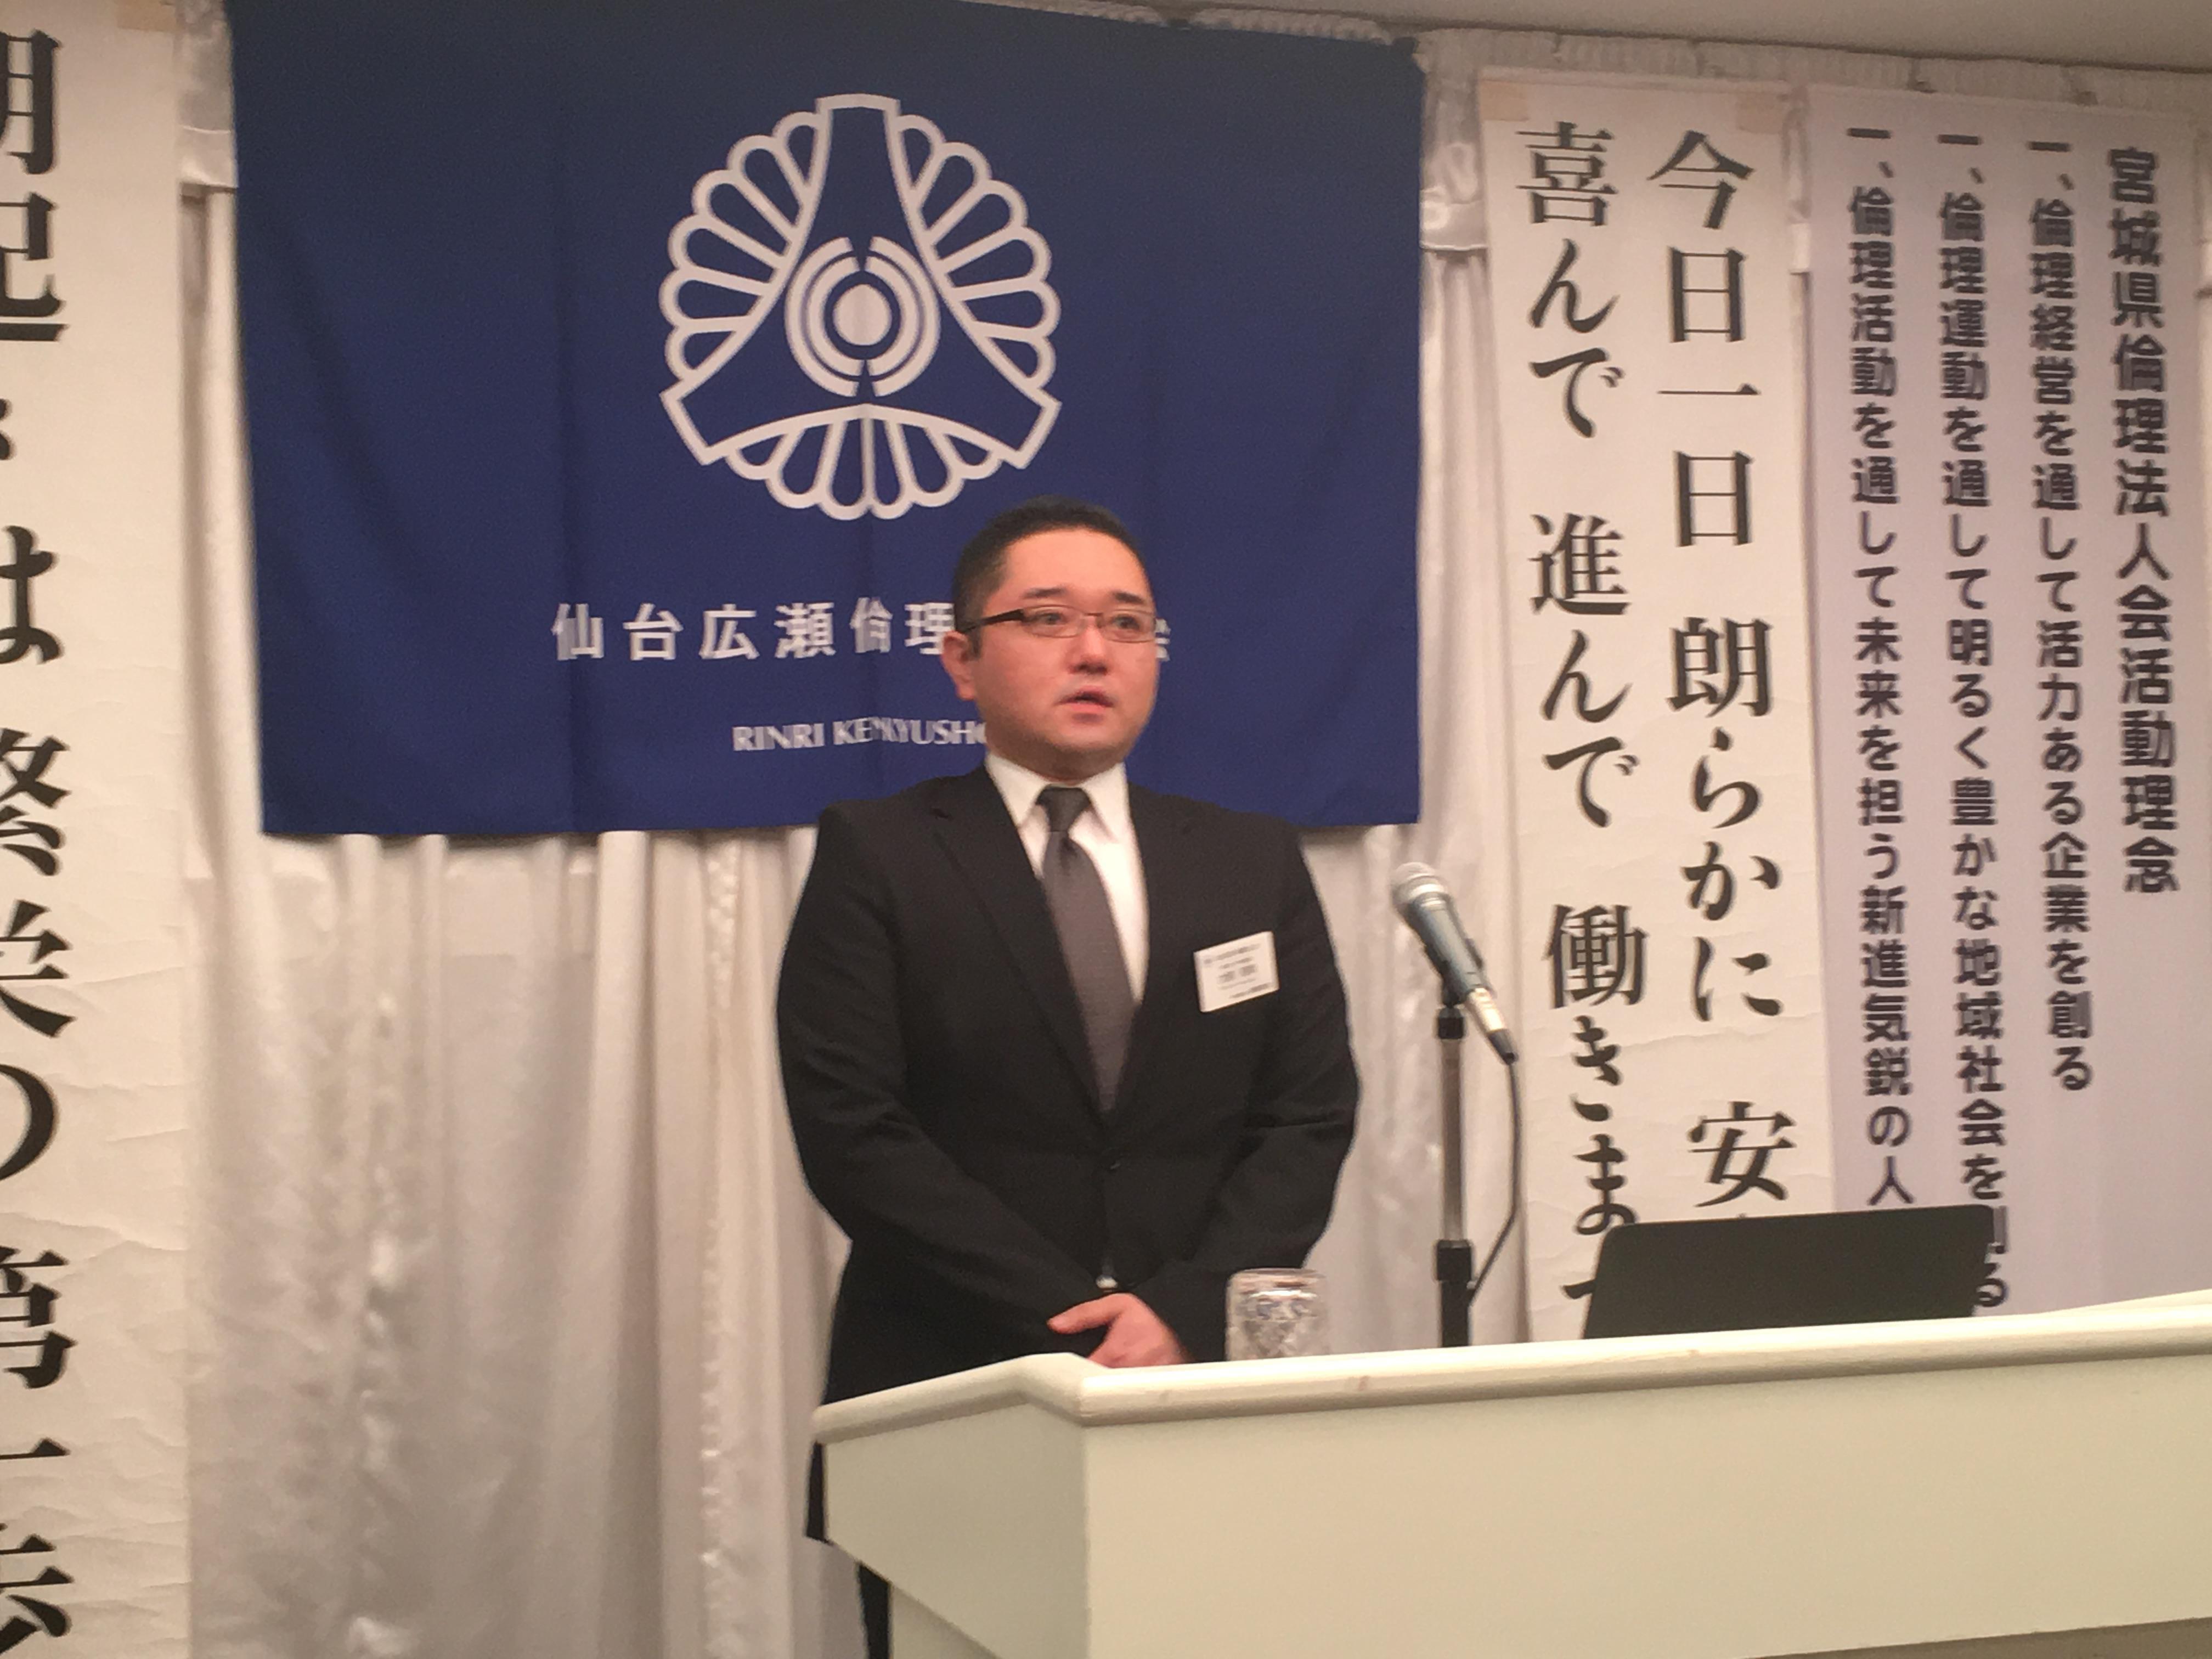 司会交代式  日野清隆さんから大泉和幸さんへ